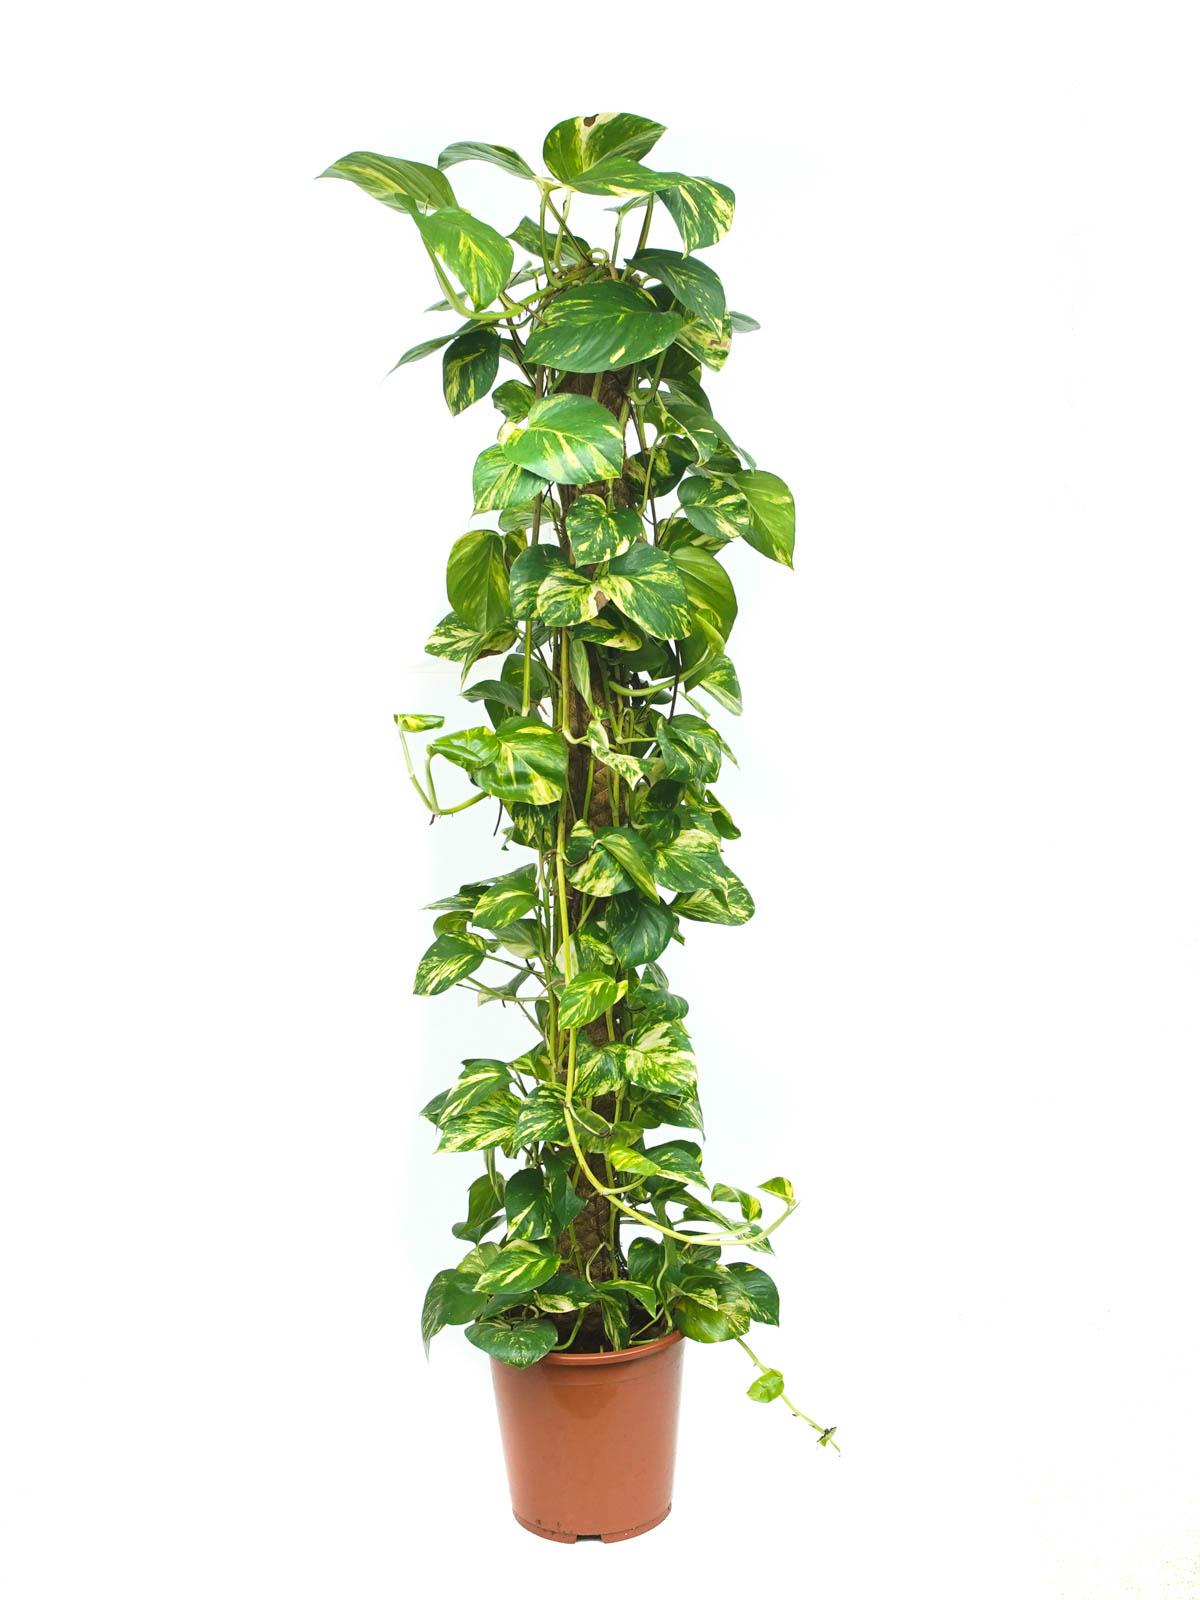 ايبريمنيوم موستوك هولندا نباتات داخلية